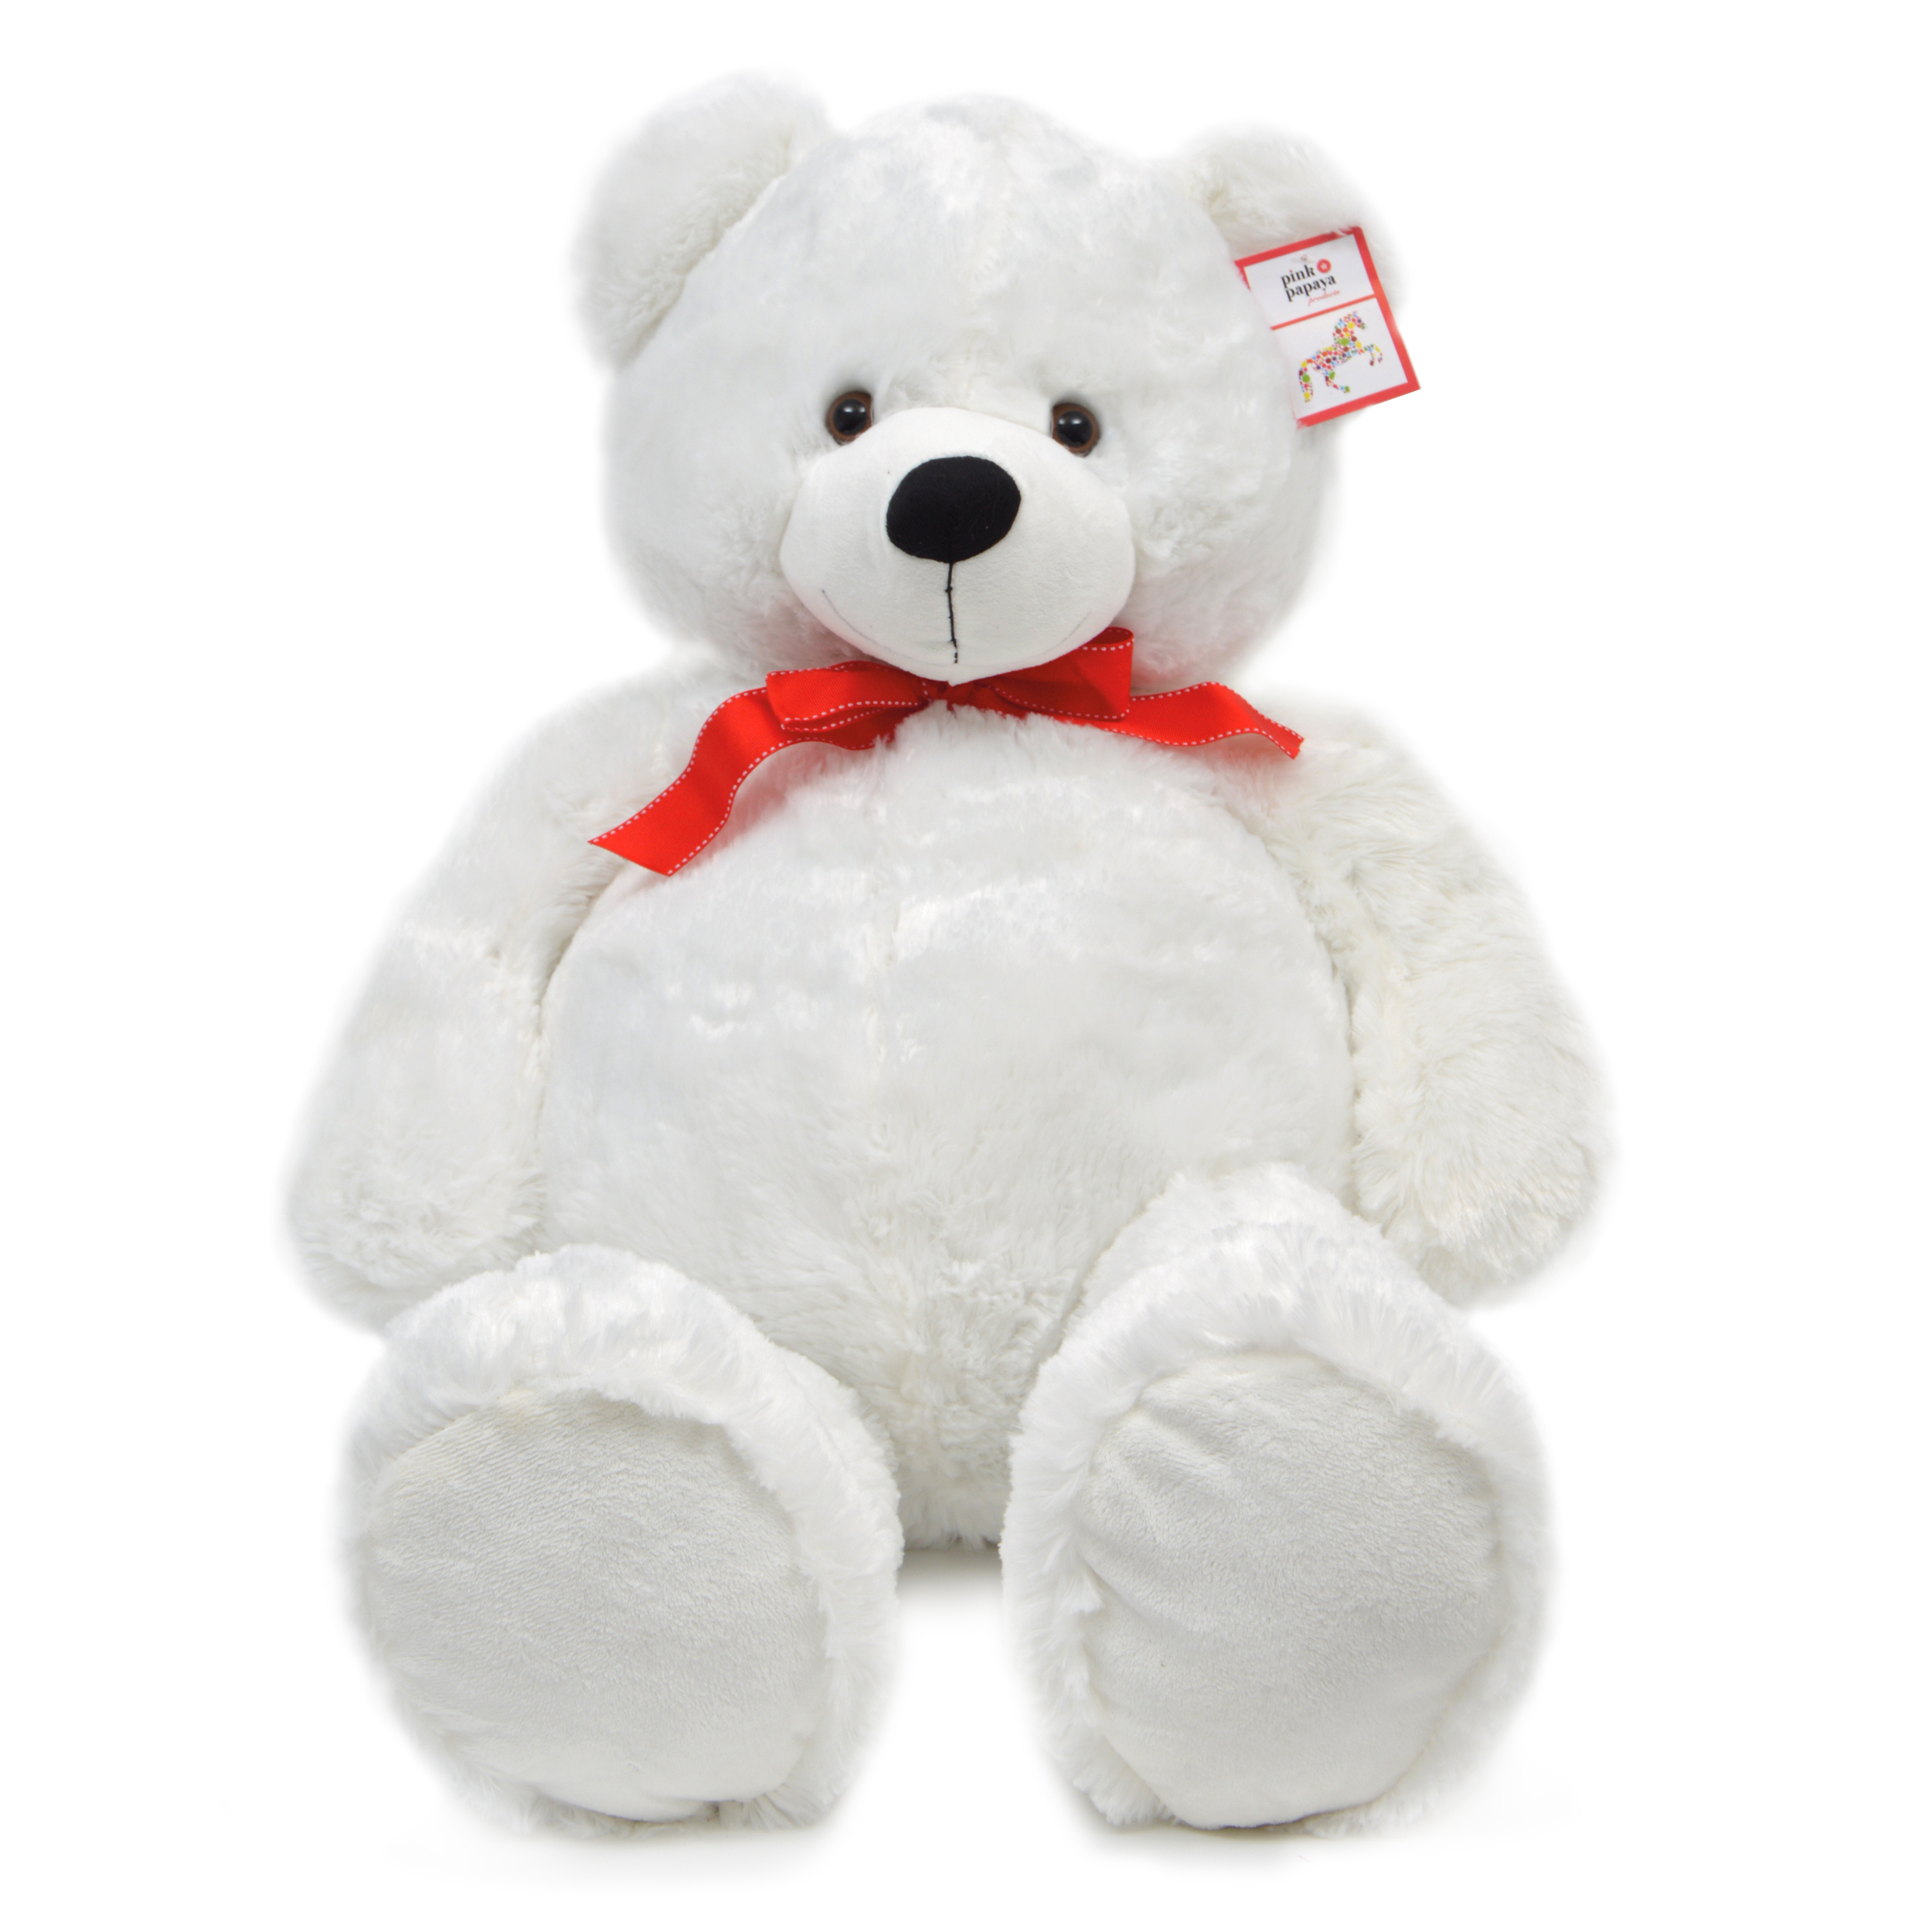 Teddybär Karlchen, 100cm XXL Teddy-Plüschbär in Weiß